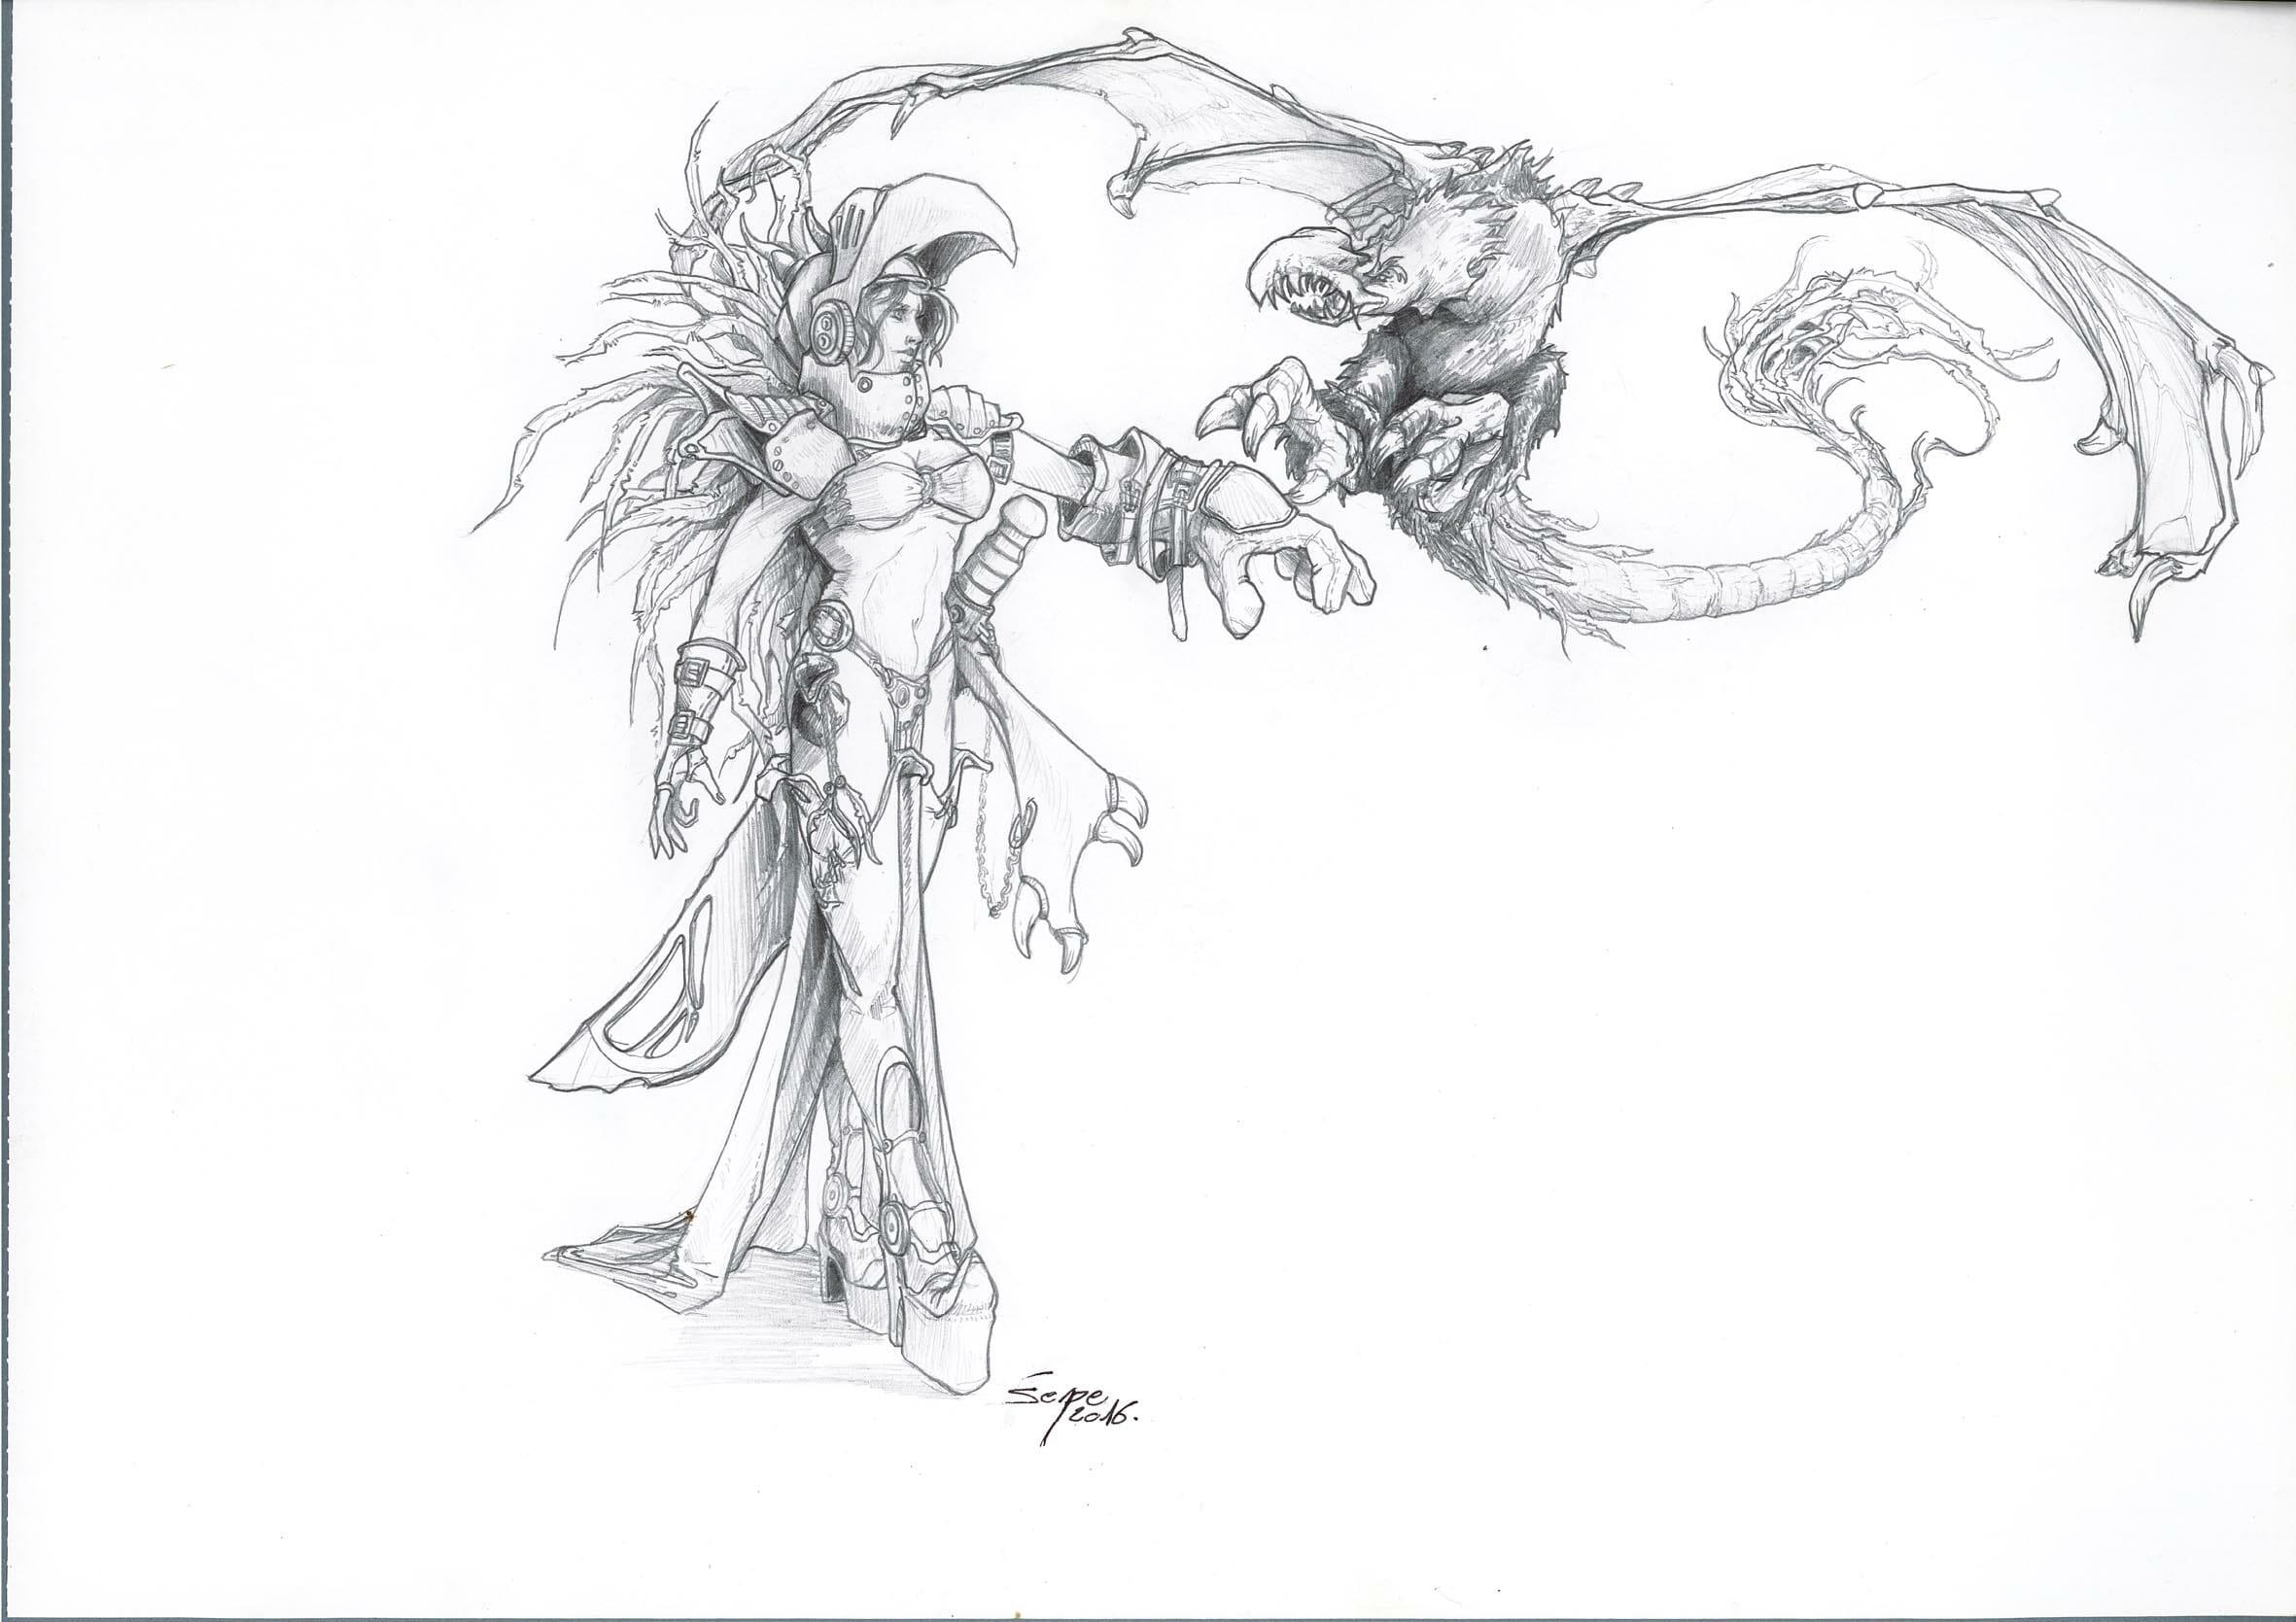 dessin d'une dragonnière avec son dragon